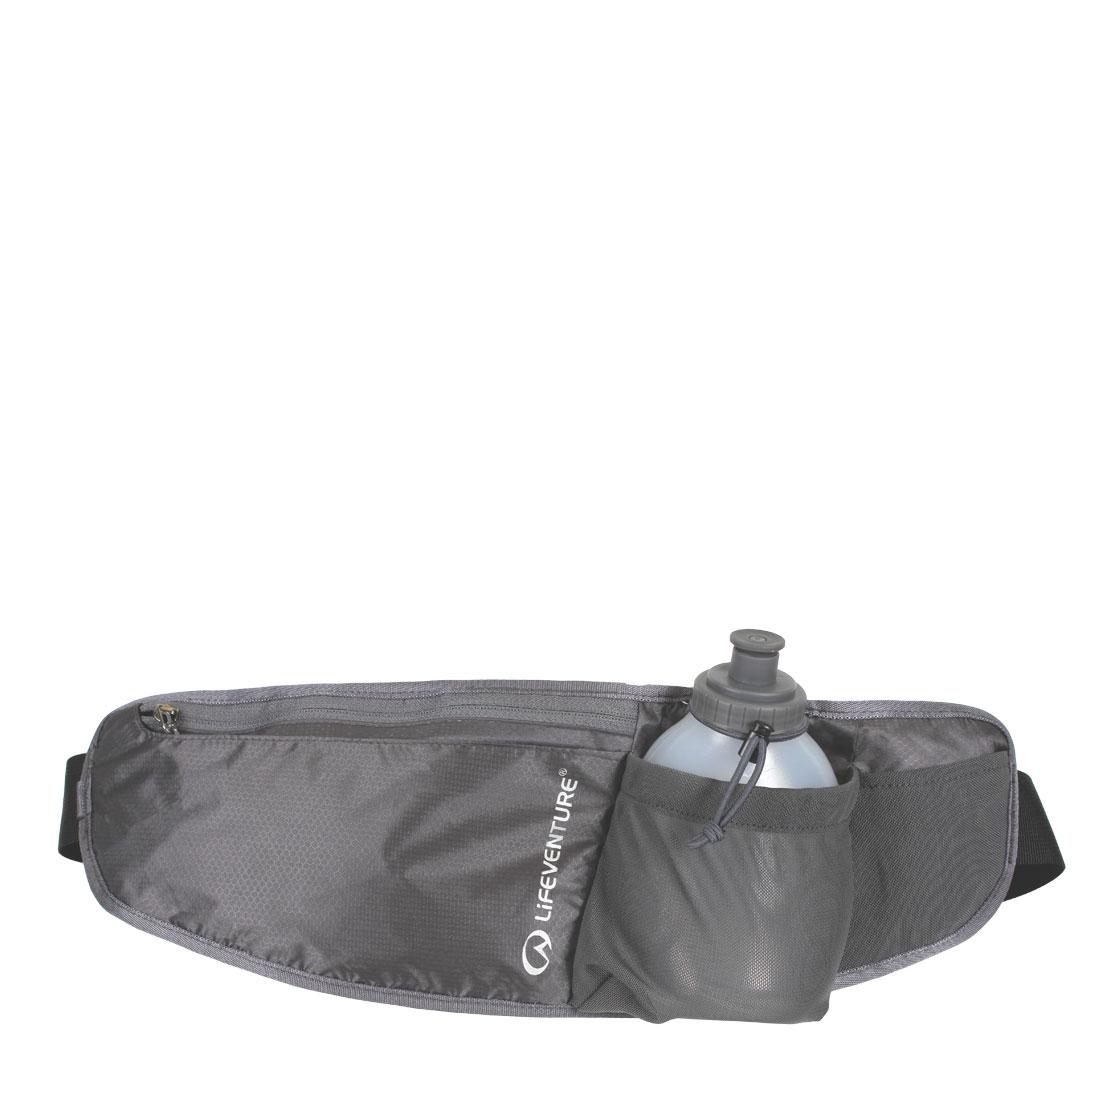 Softfibre Lite Grey Travel Towel (giant)